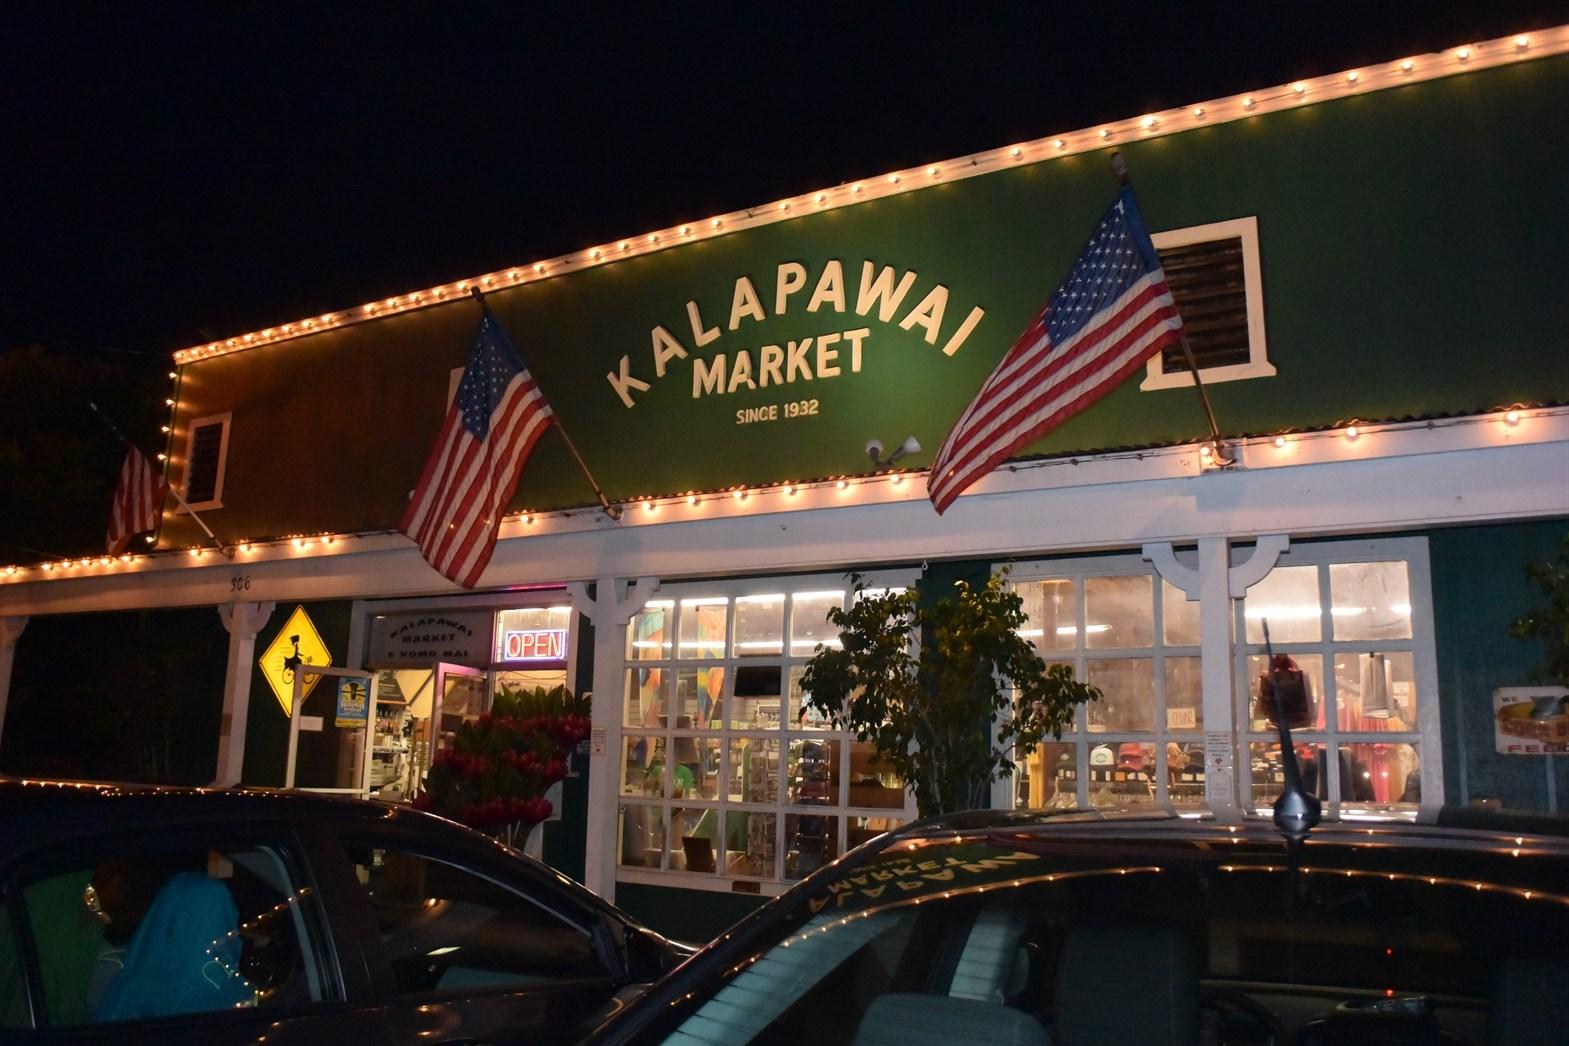 夜明け前のKalapawai Market